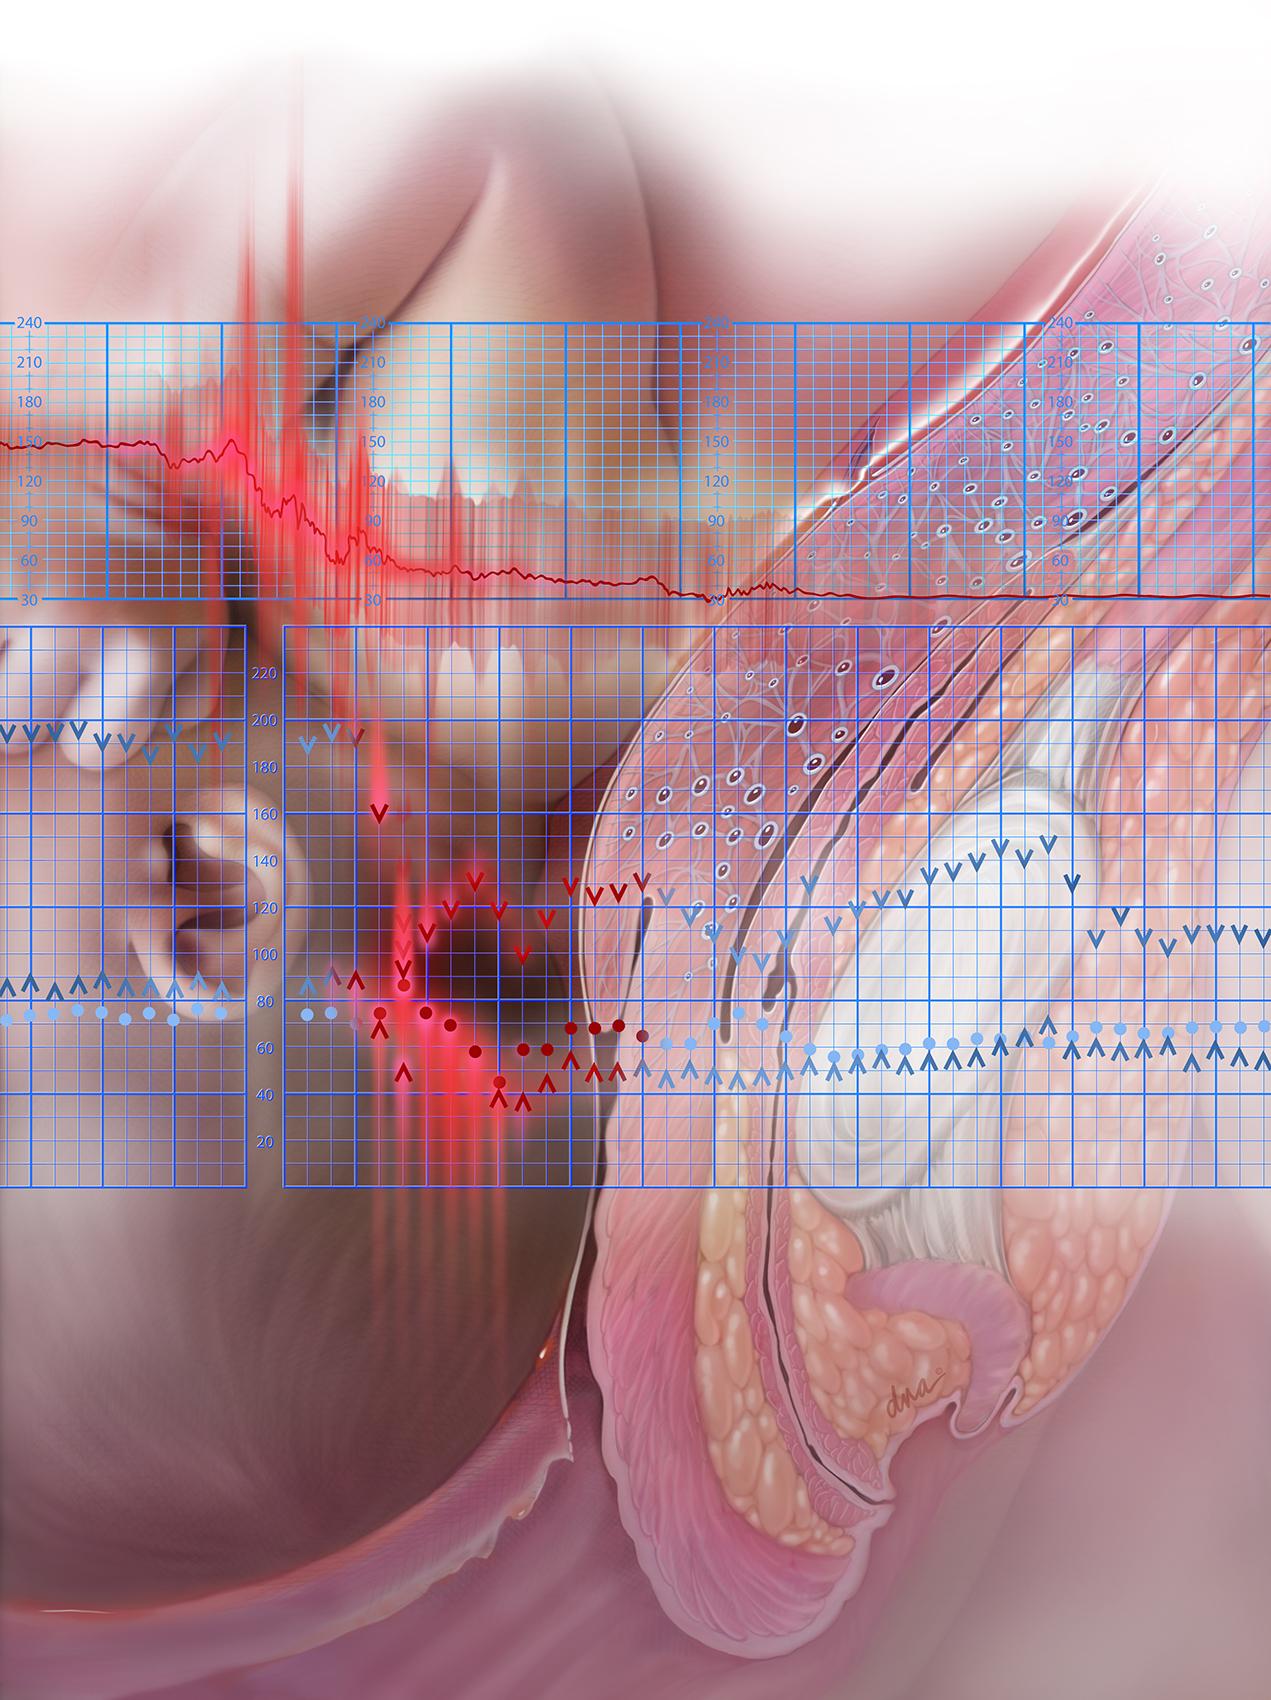 Amniotic Embolism